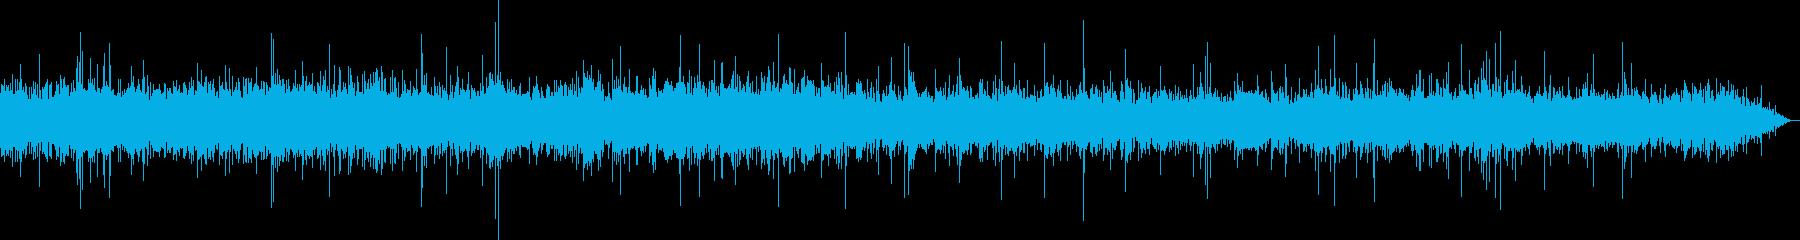 【ホラー】 終末期 場所 03 環境音の再生済みの波形